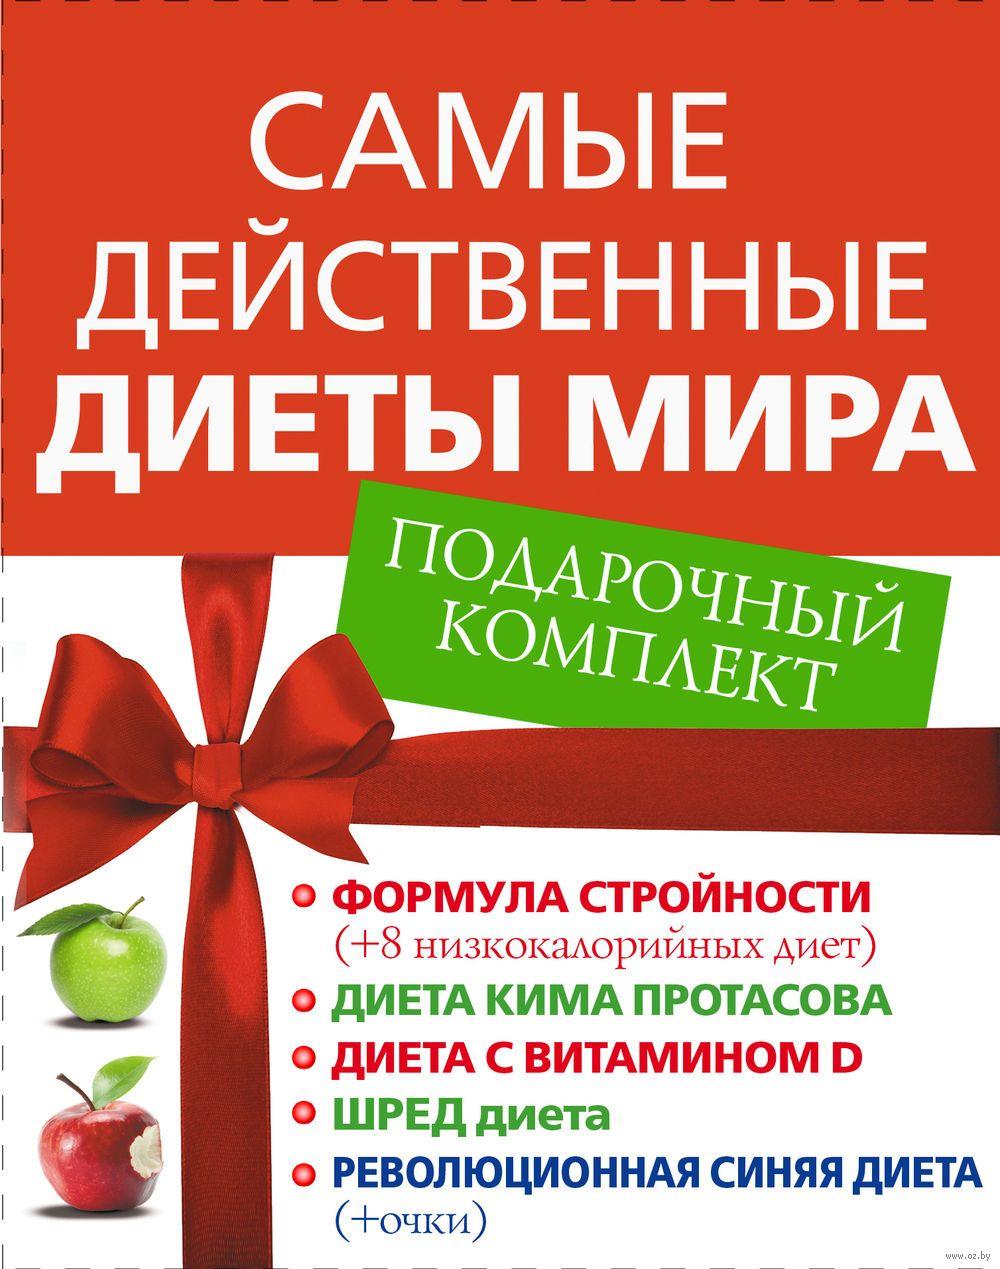 Диет формула фитомуцил порошок 5 г 30 шт купить по цене 589,0 руб.